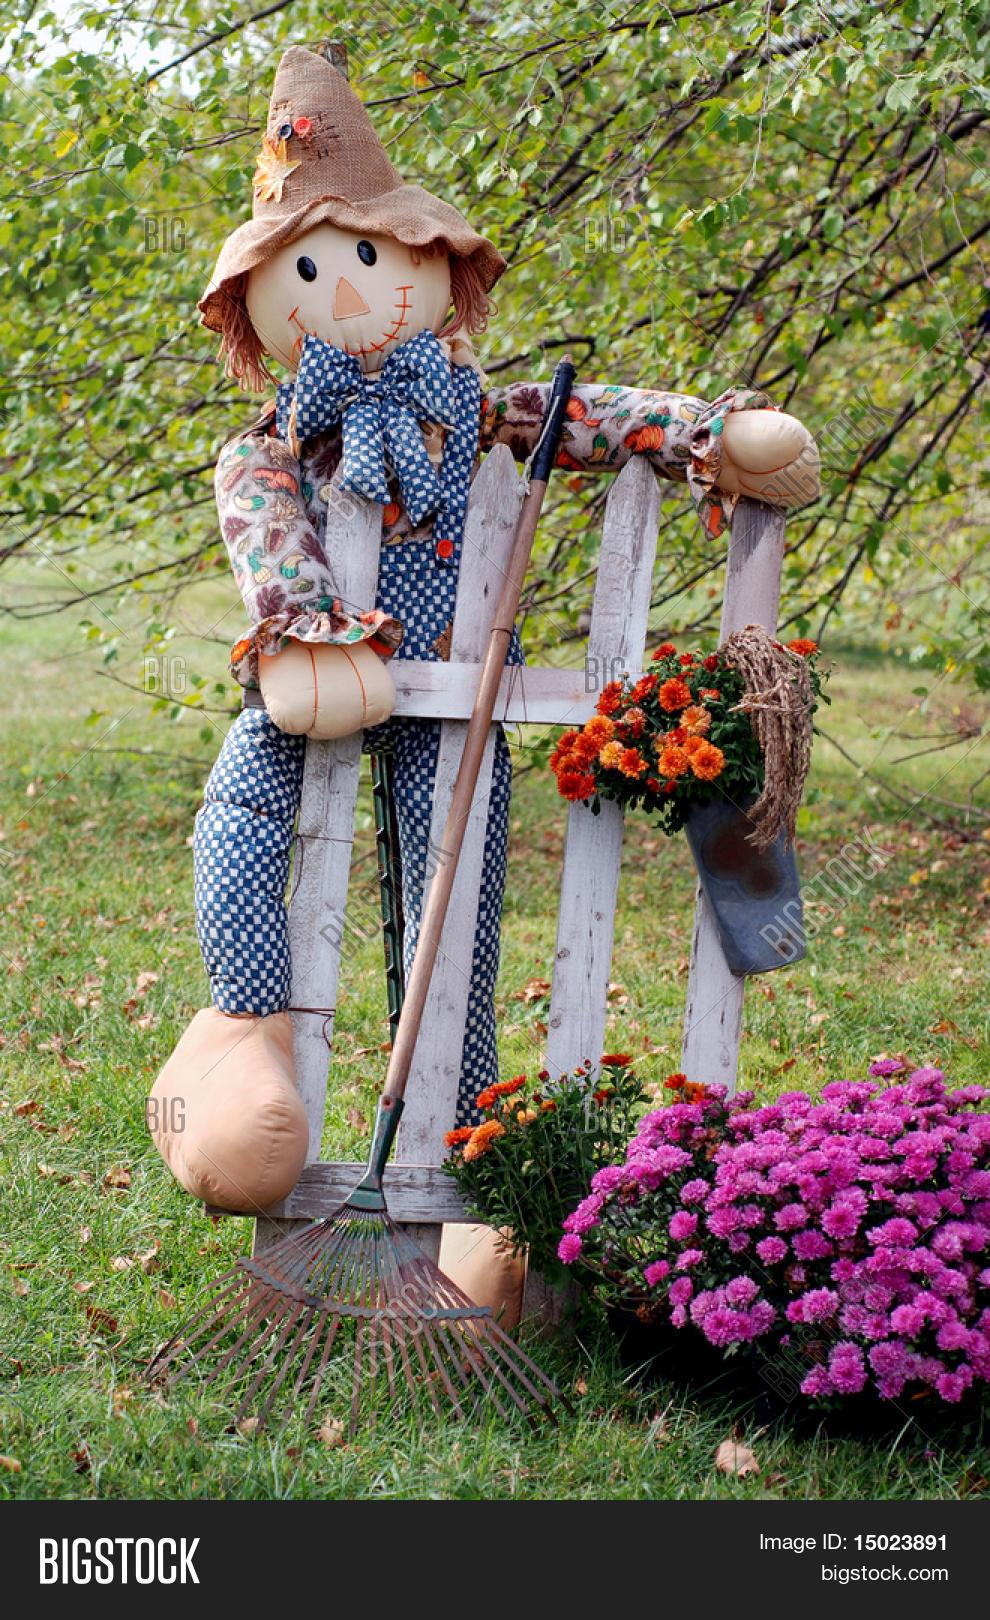 Садовое чучело для дачи своими руками